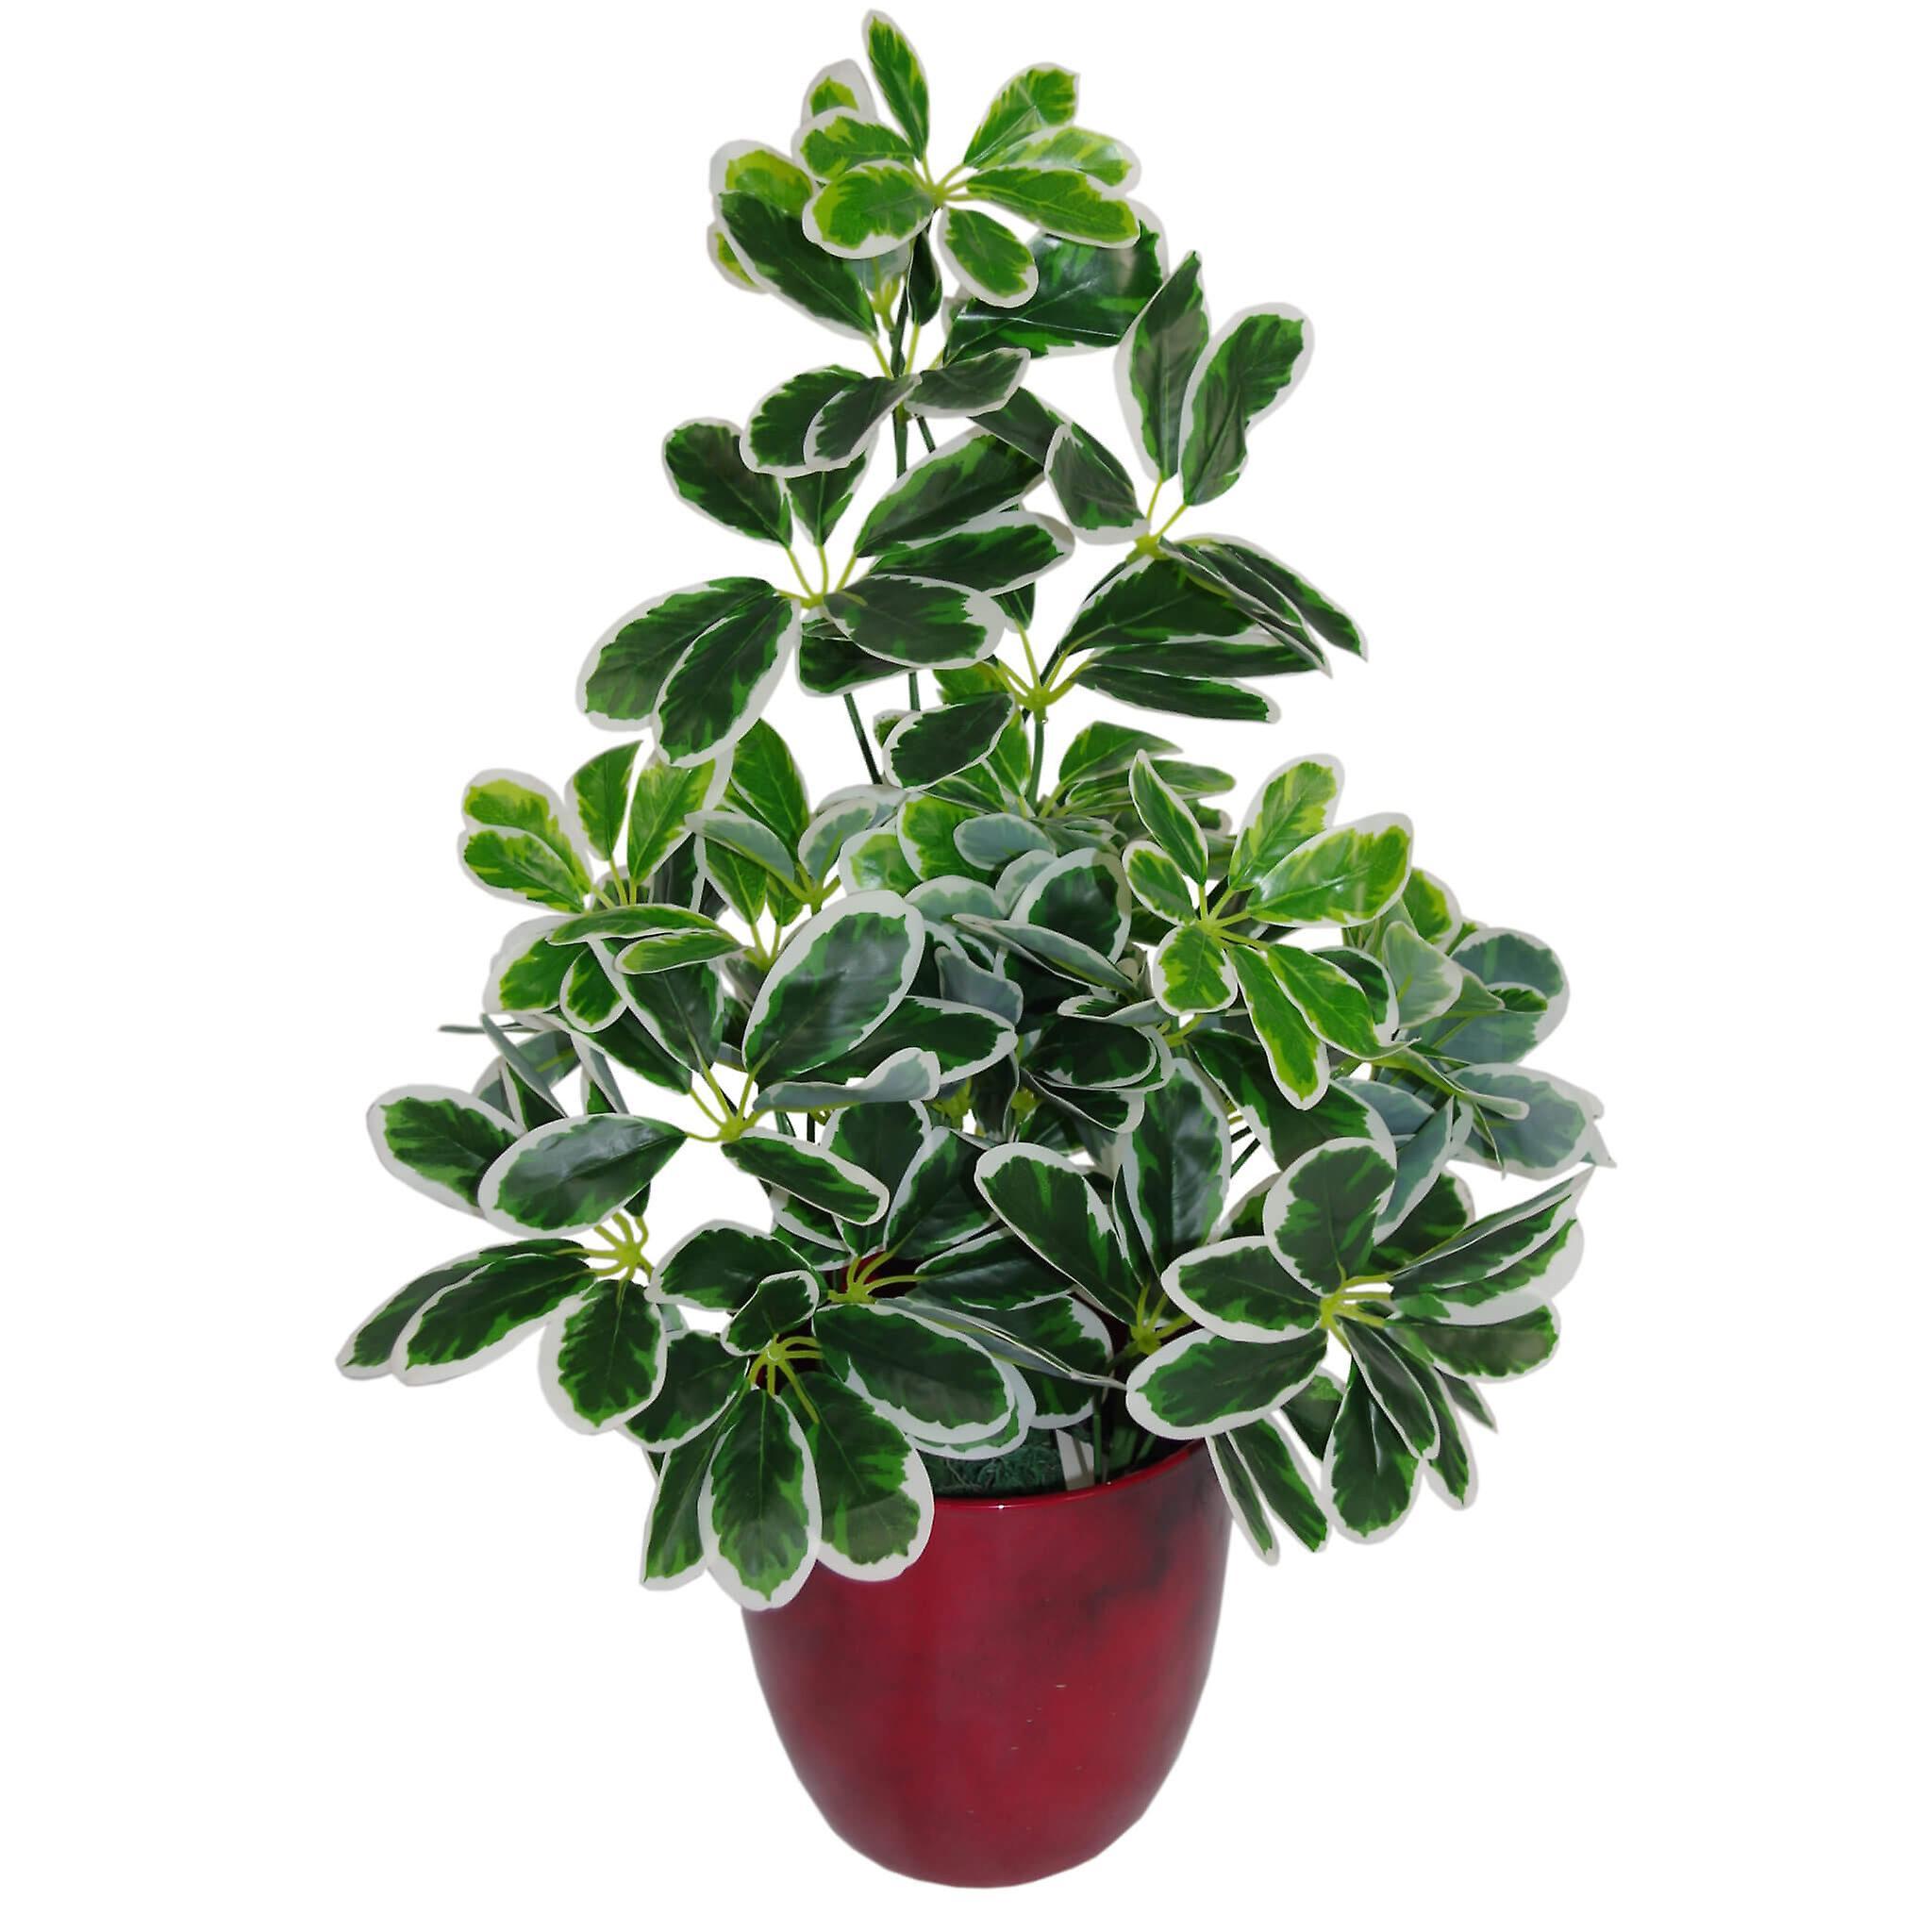 55cm Variegated Artificial Schefflera Arboricola Plant